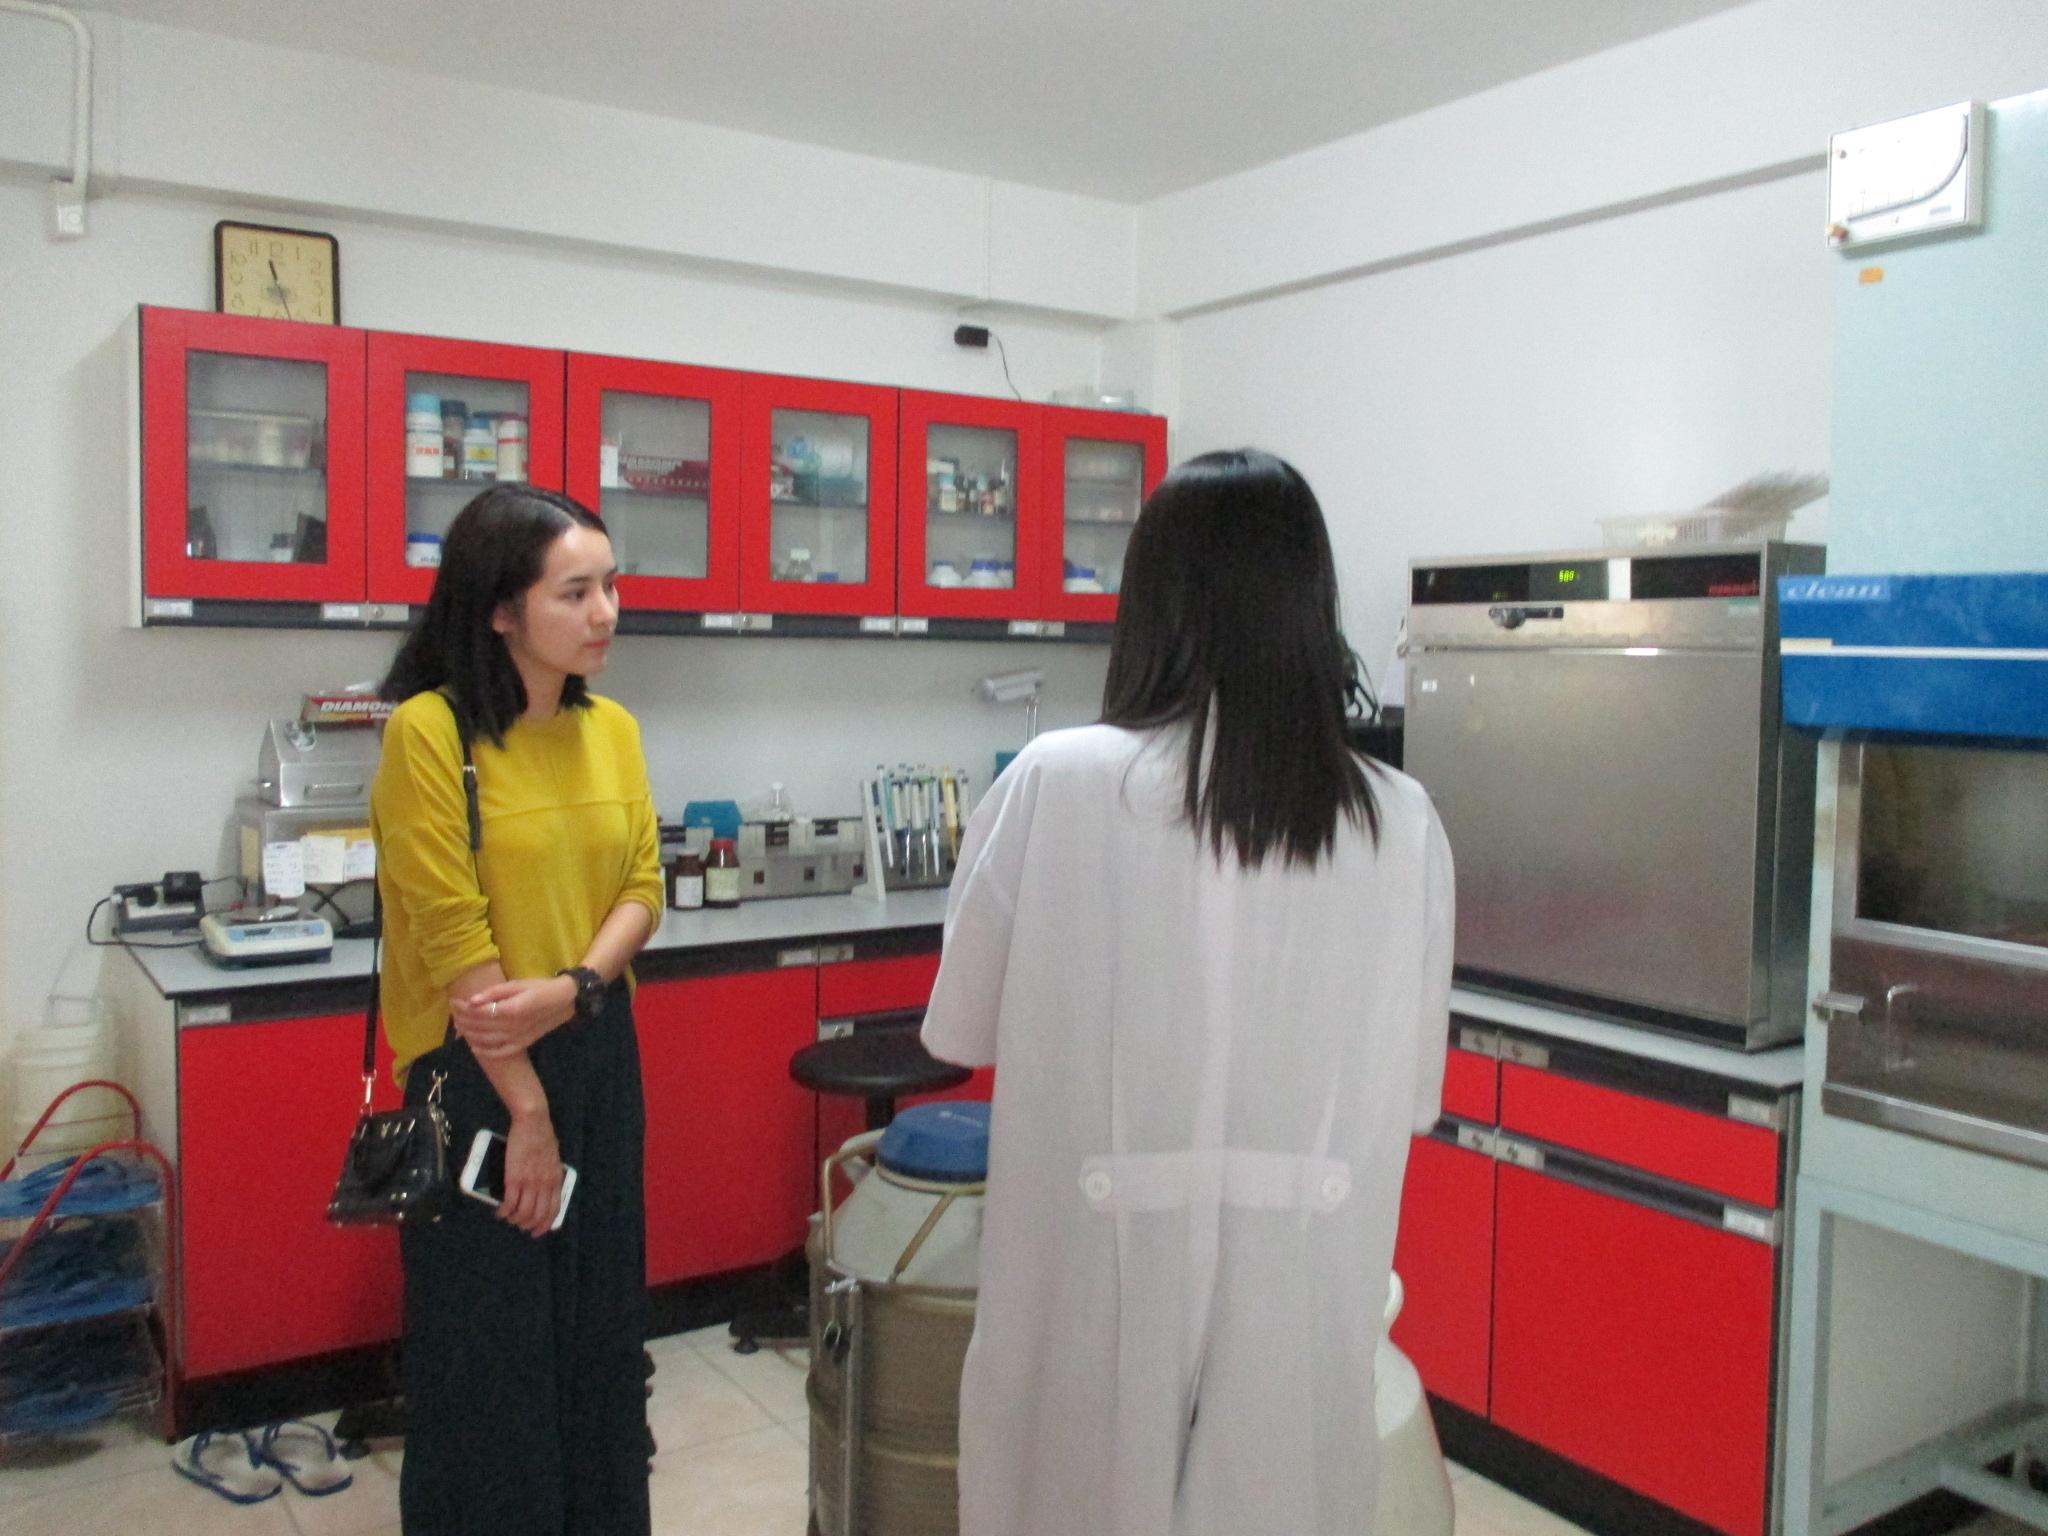 Miss Thunyanan Thanapatbanjong (Khun Nam) has visited Manose Health and Beauty Research Center